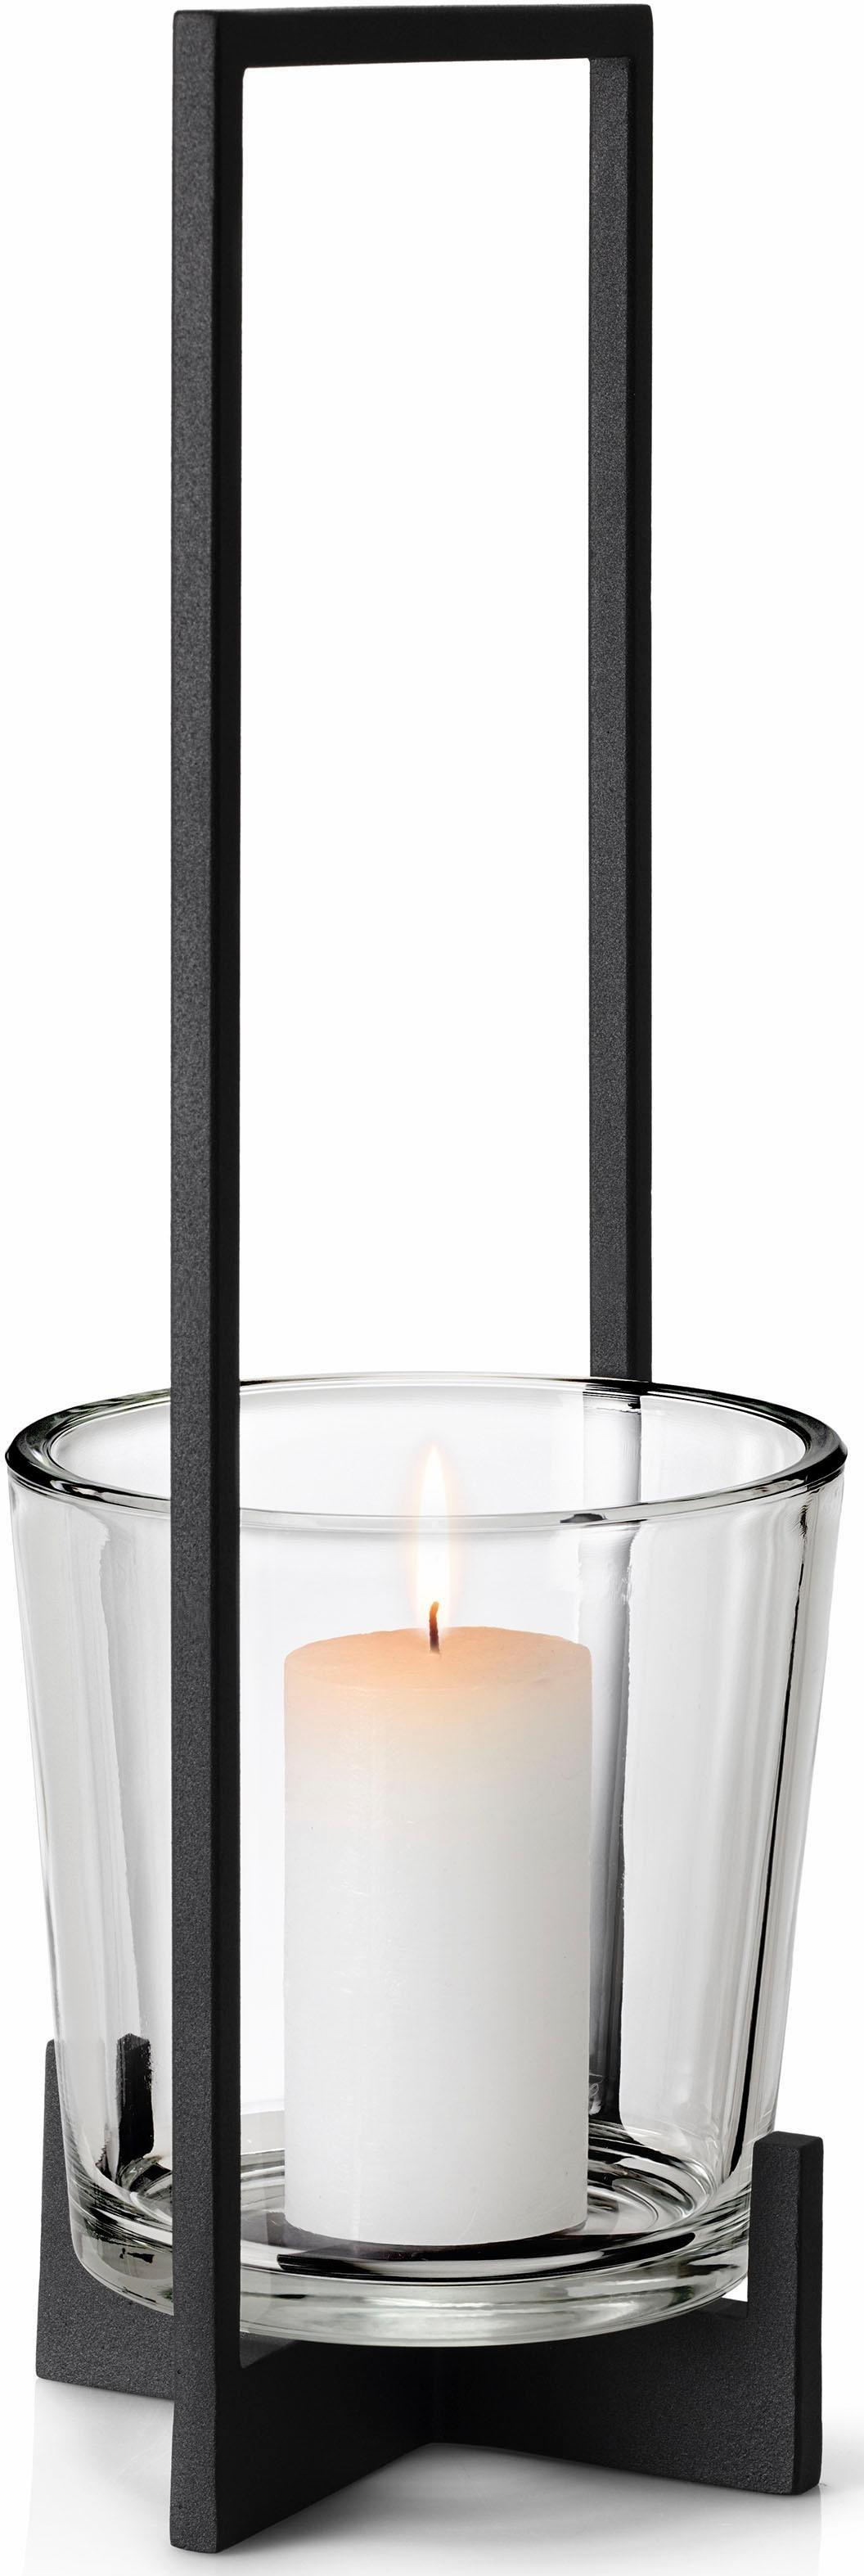 Blomus Laterne »NERO« | Dekoration > Kerzen und Kerzenständer > Laternen | Matt | Glas - Stahl | BLOMUS